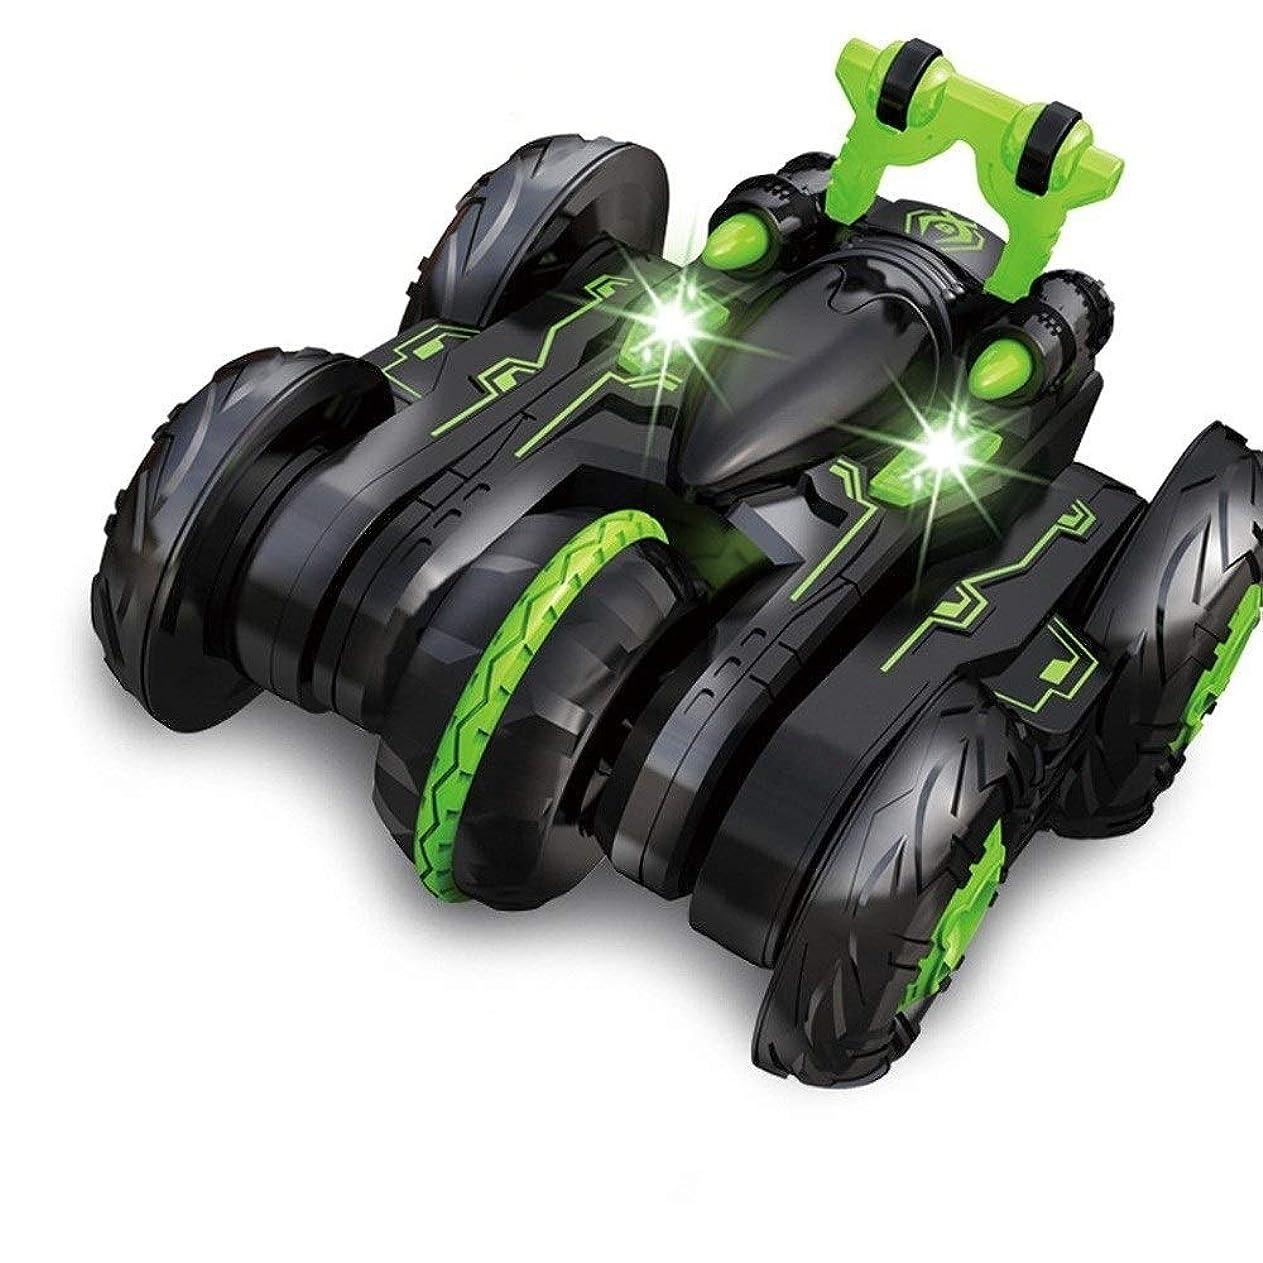 誘惑する存在するエンドウAIOJY 2.4G 6チャンネル変形スタントカー子供のリモートコントロール玩具ホビーRC車キッズ誕生日クリスマスのギフトライトローリング回転RCカー